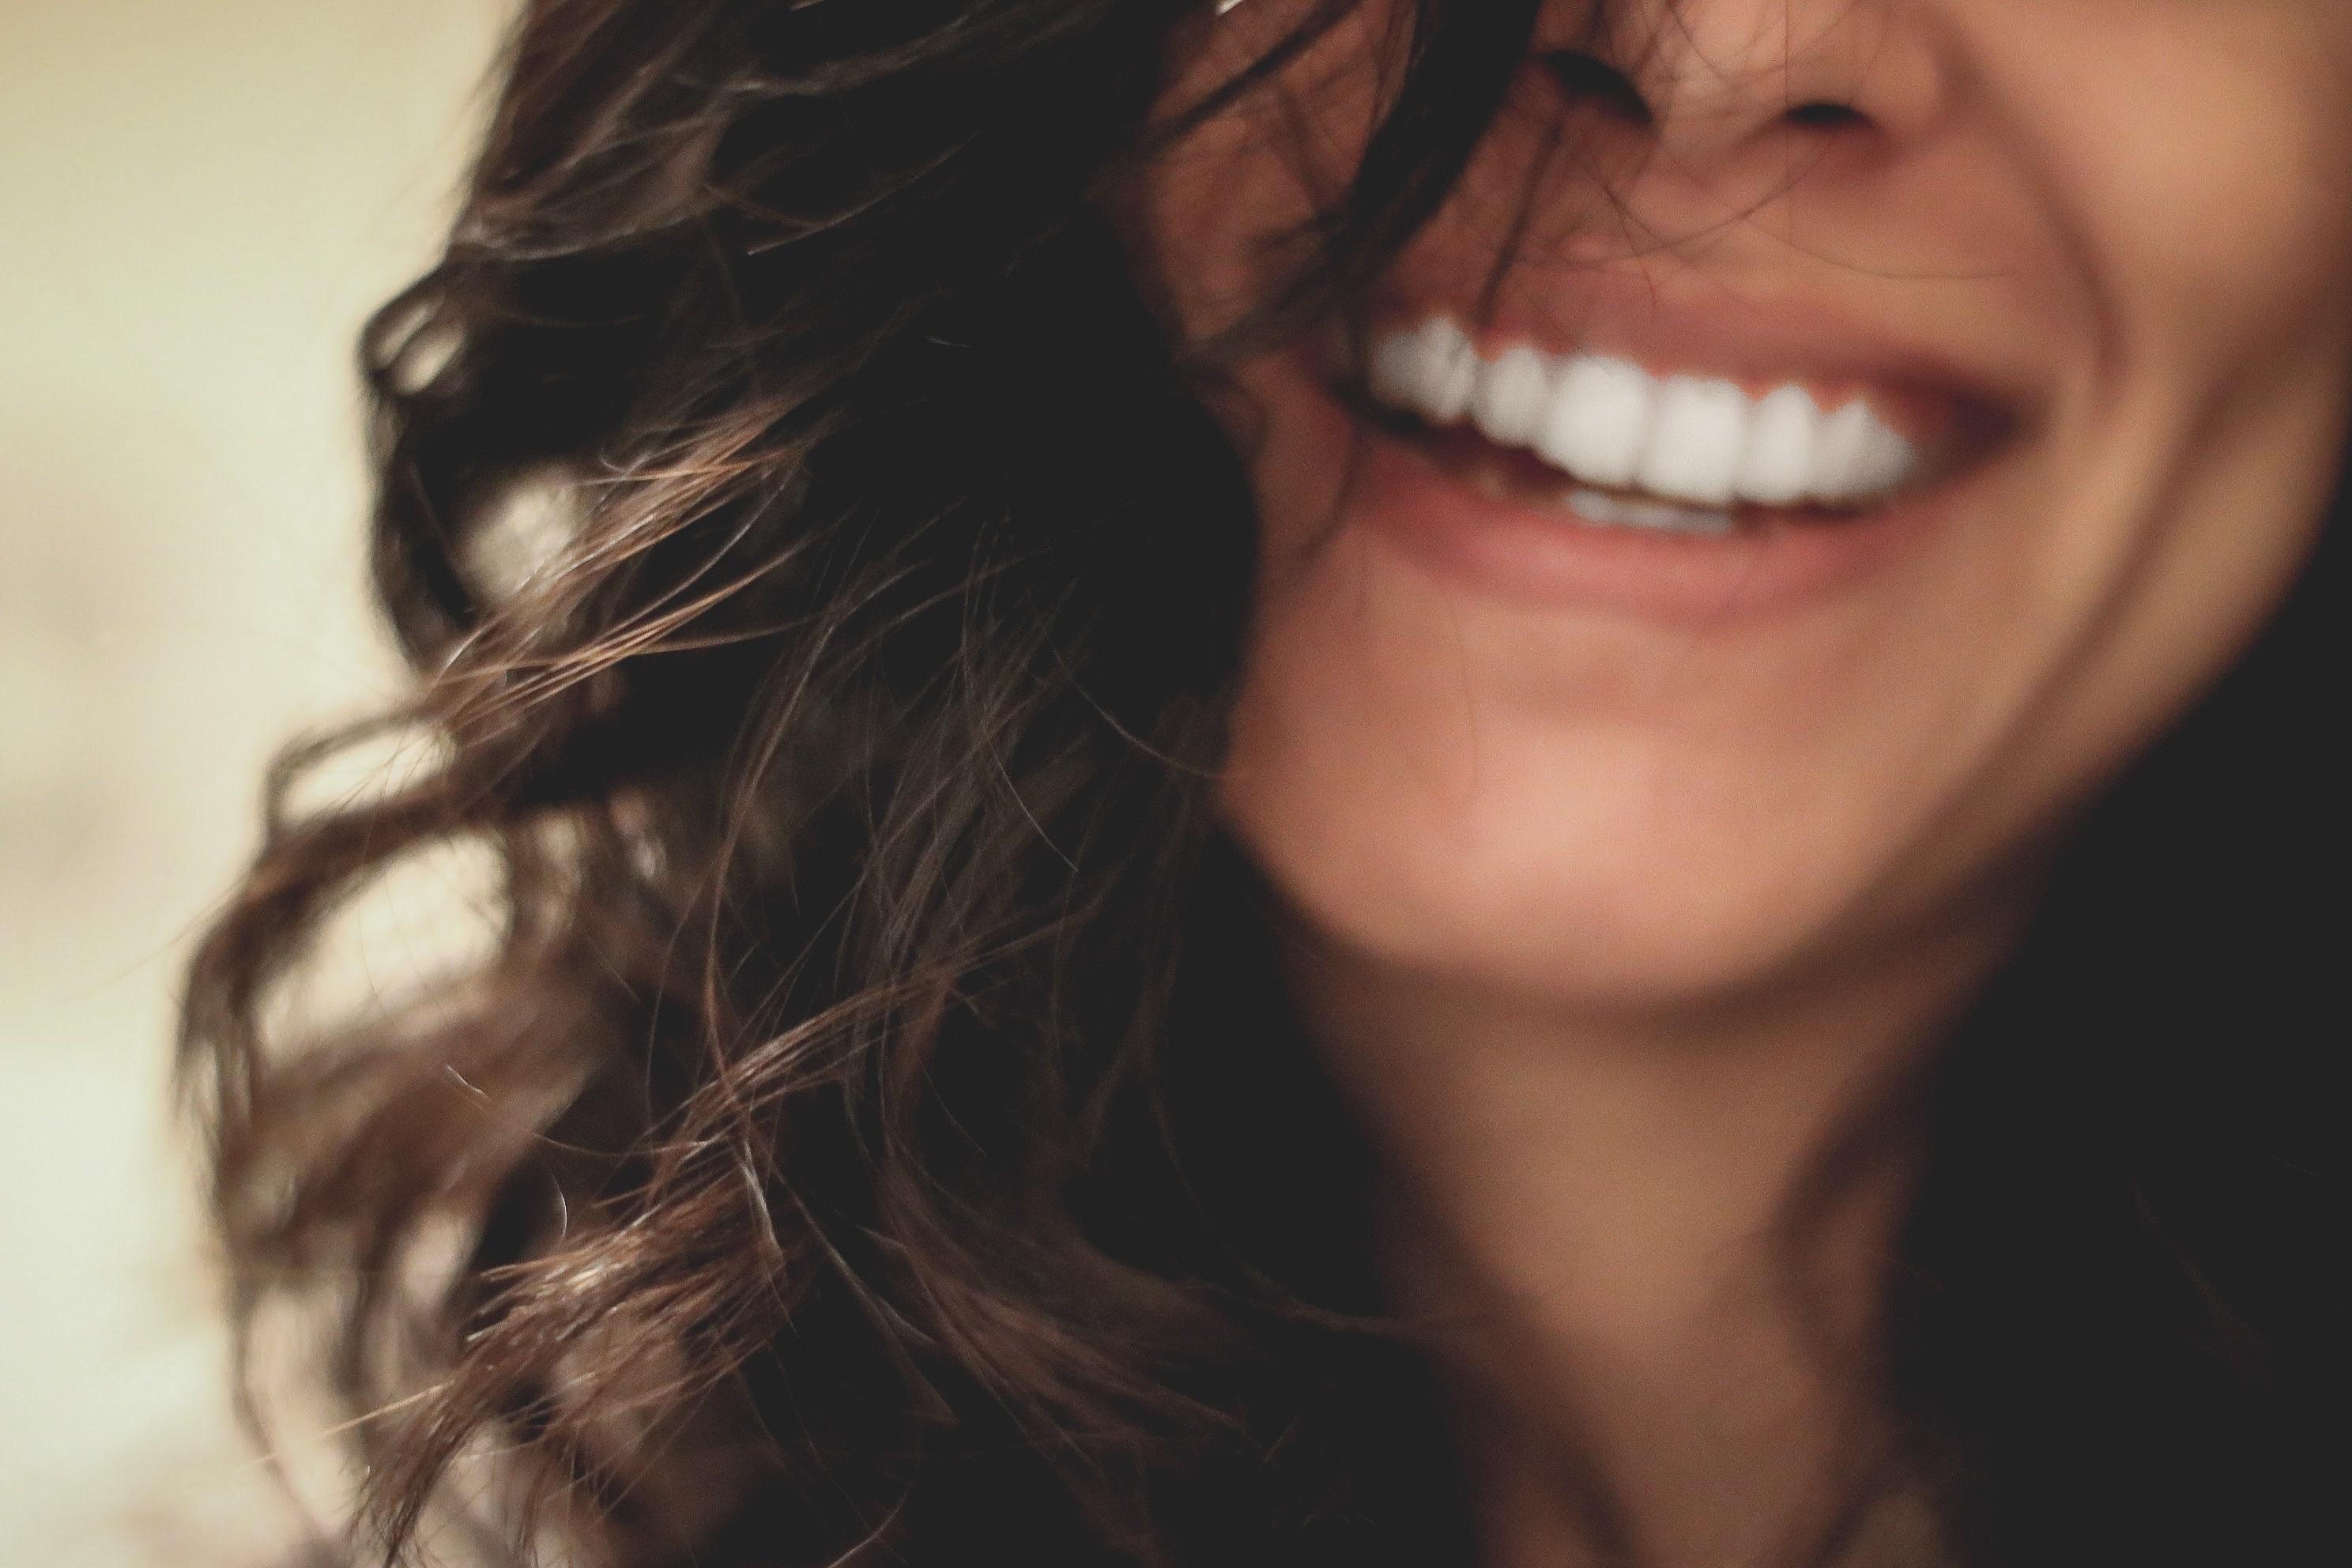 Ученые выяснили, что зубная нить может нанести серьезный вред иммунитету